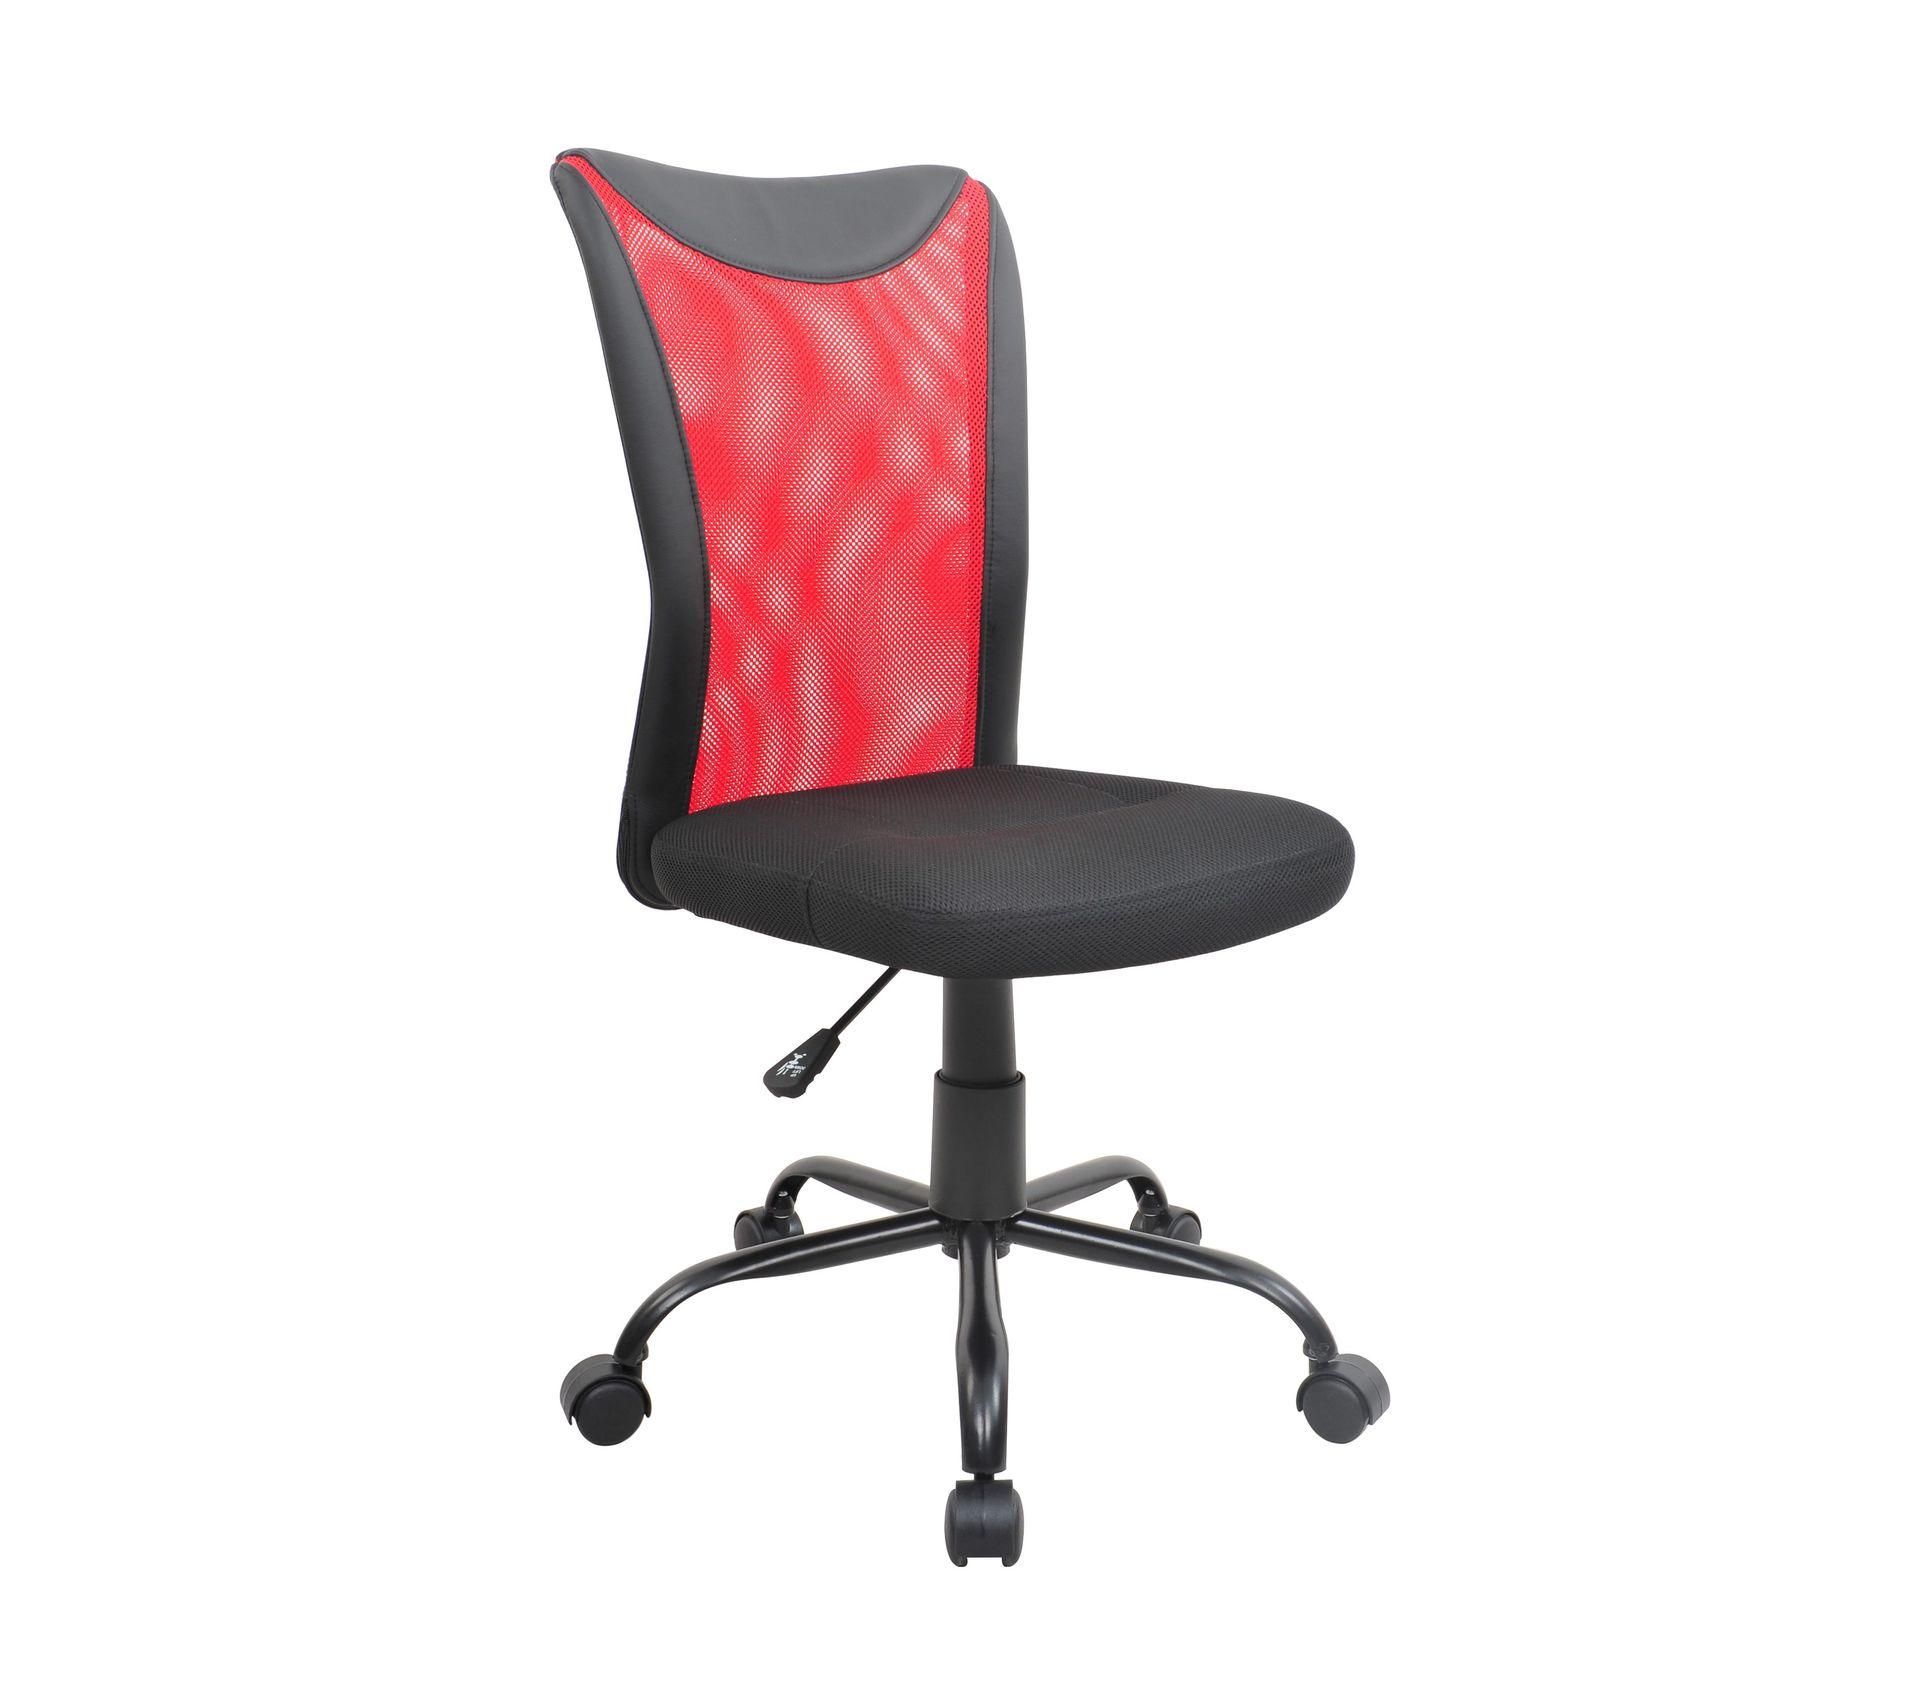 Fauteuil De Bureau Comett Noir Rouge Chaise Fauteuil Bureau But